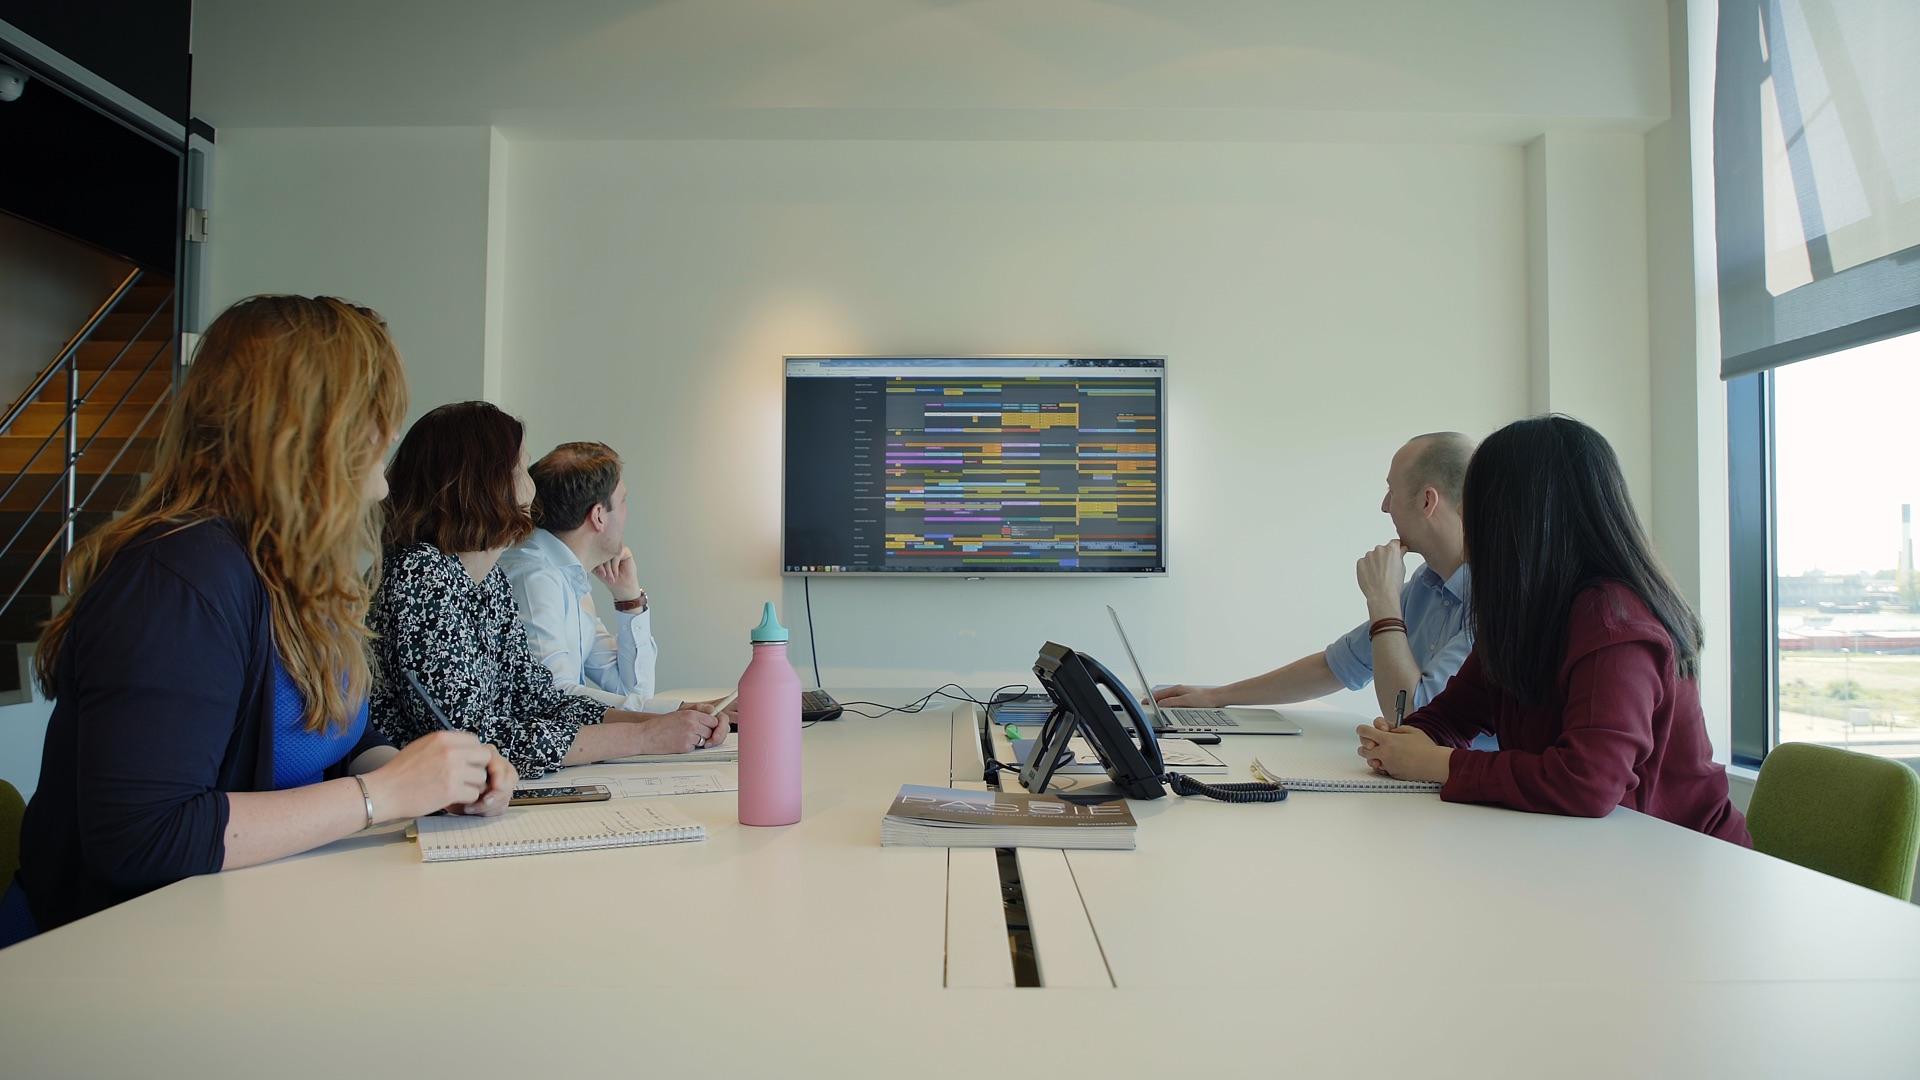 Beeldenfabriek - Immer orientiert an den neuesten Entwicklungen. Immer auf der Suche nach den besten Talenten.